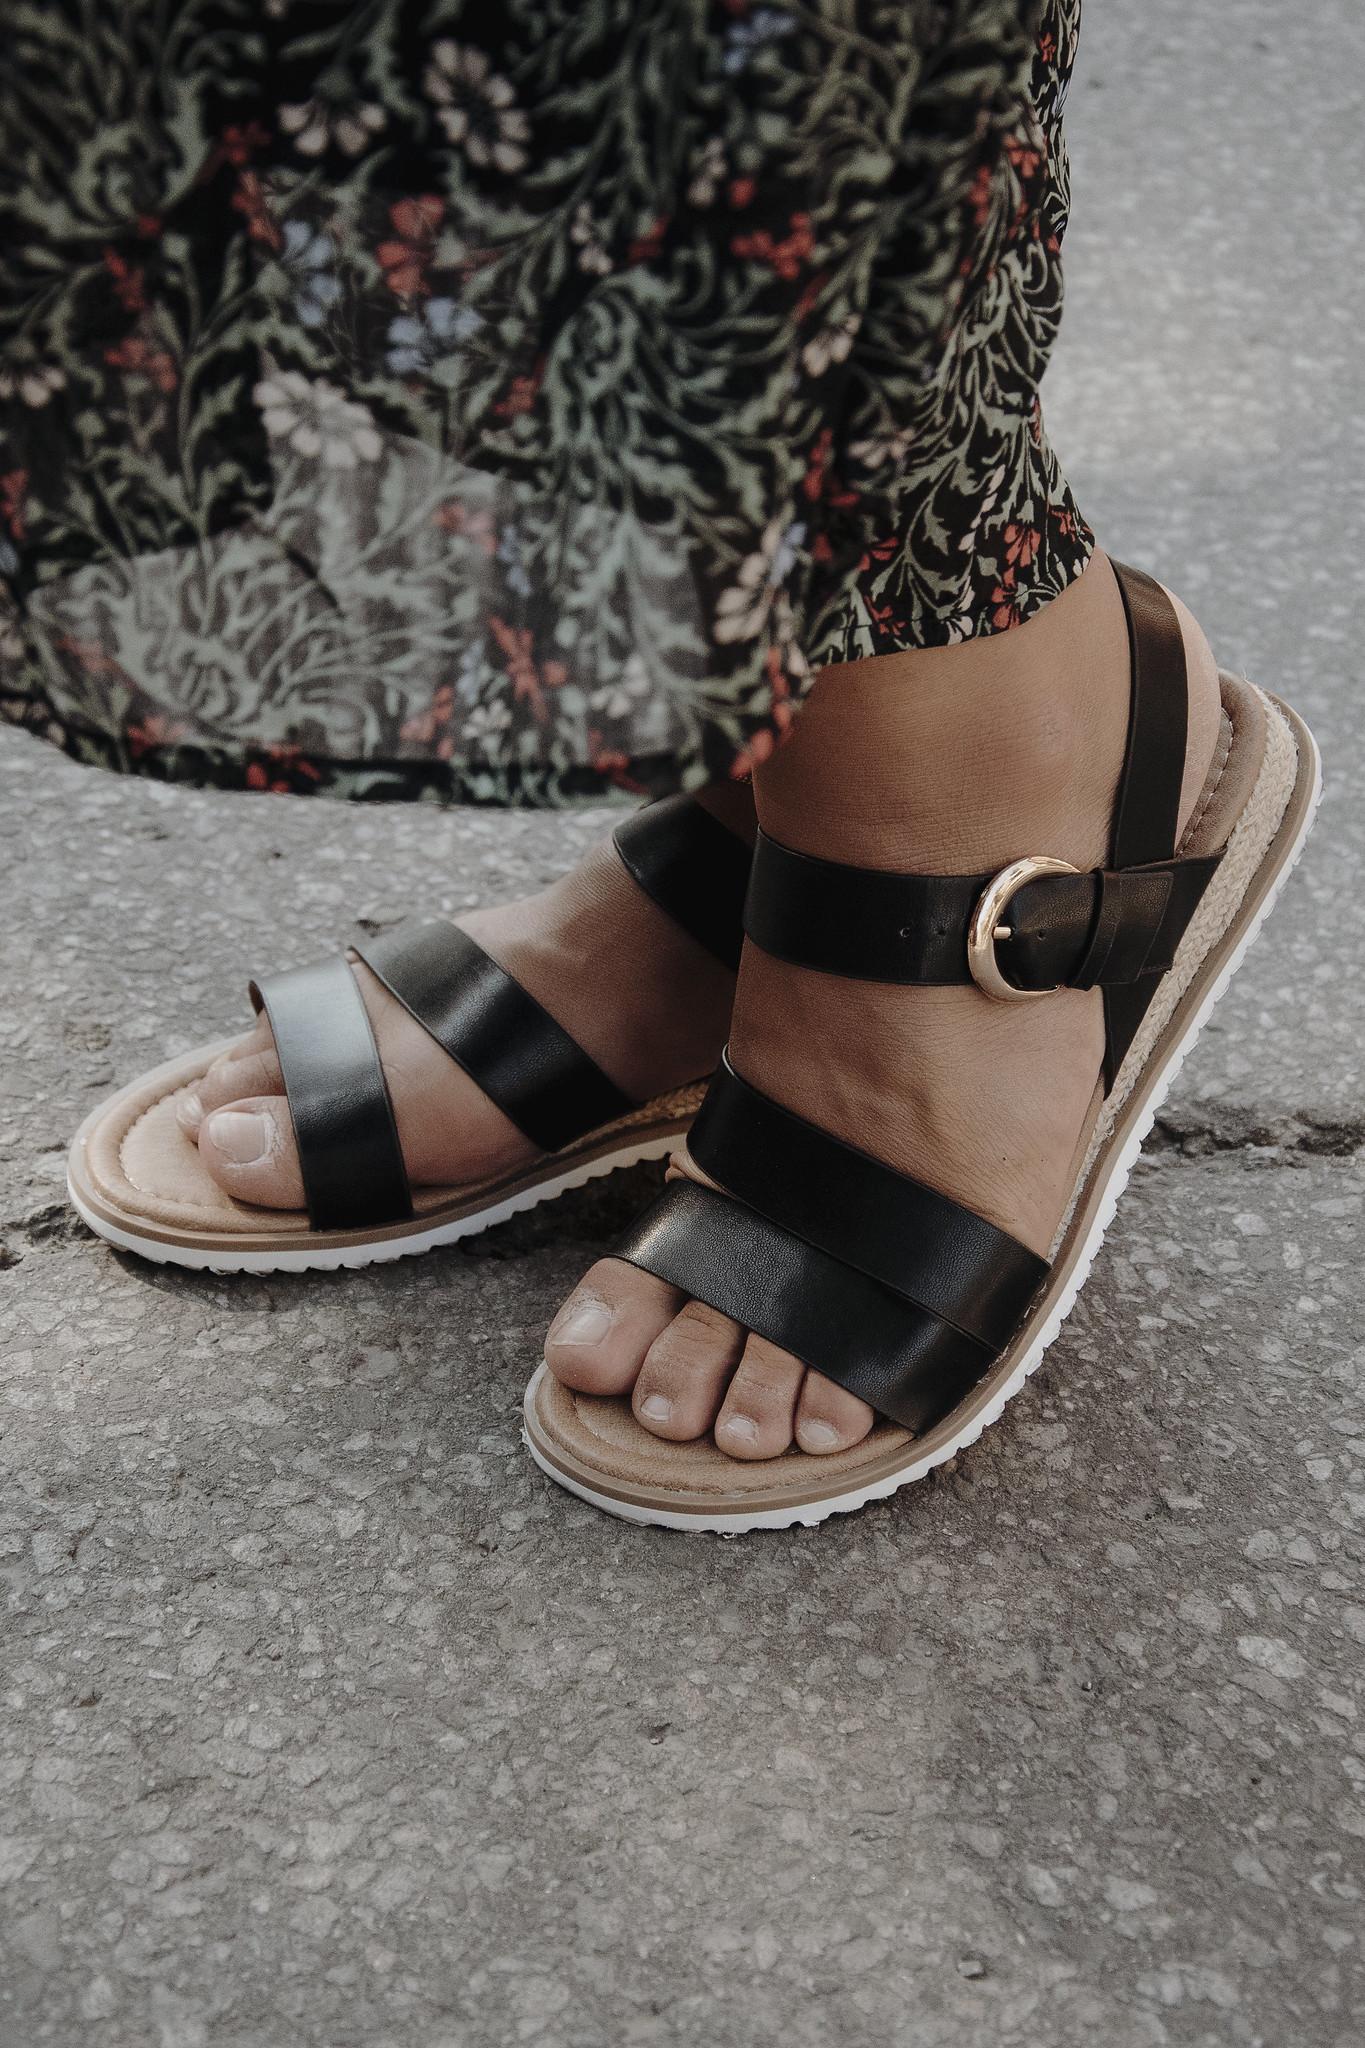 camille dg jupe longue rue sandales noires